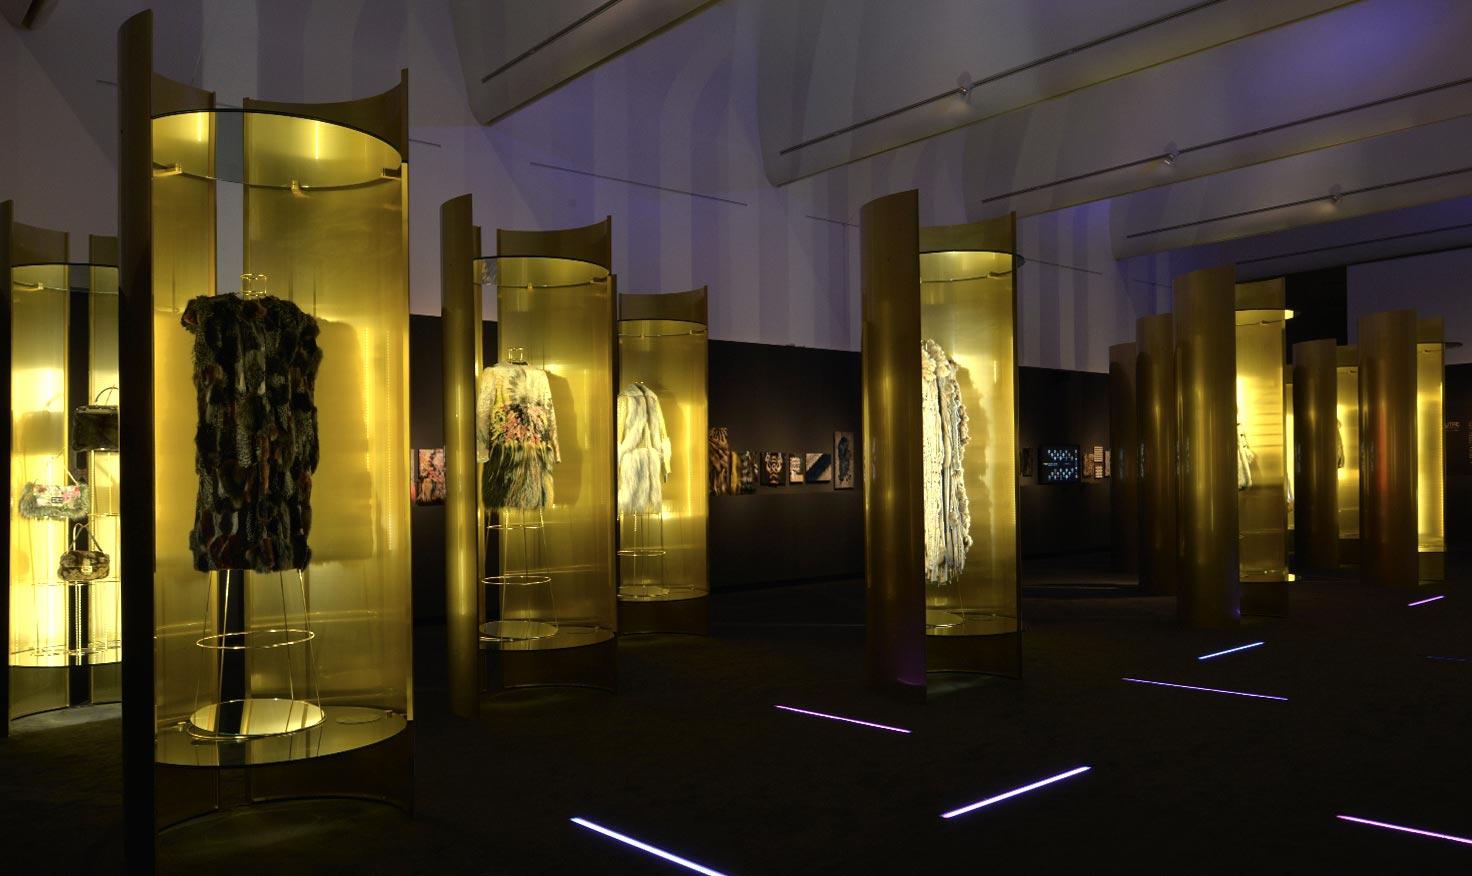 Un Art Autre Exhibition_Fendi Brass Display Cases by Bevilacqua Architects